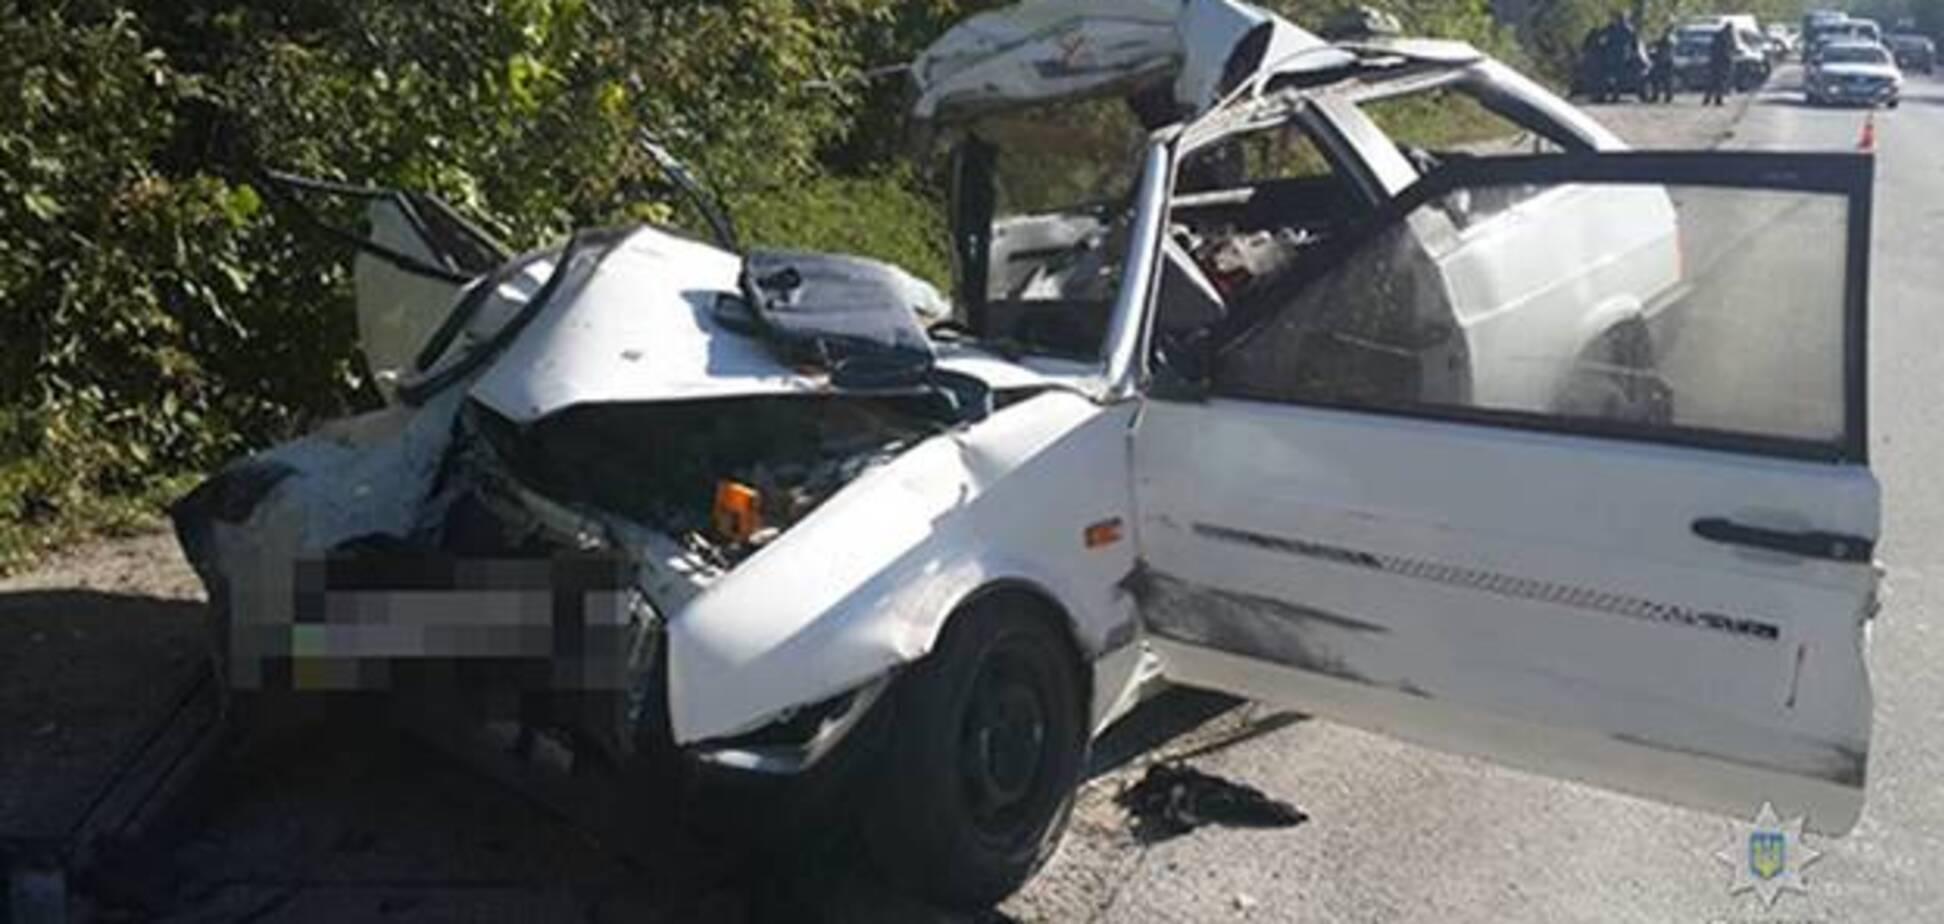 Жахлива ДТП у Запоріжжі: водій намагався уникнути зіткнення